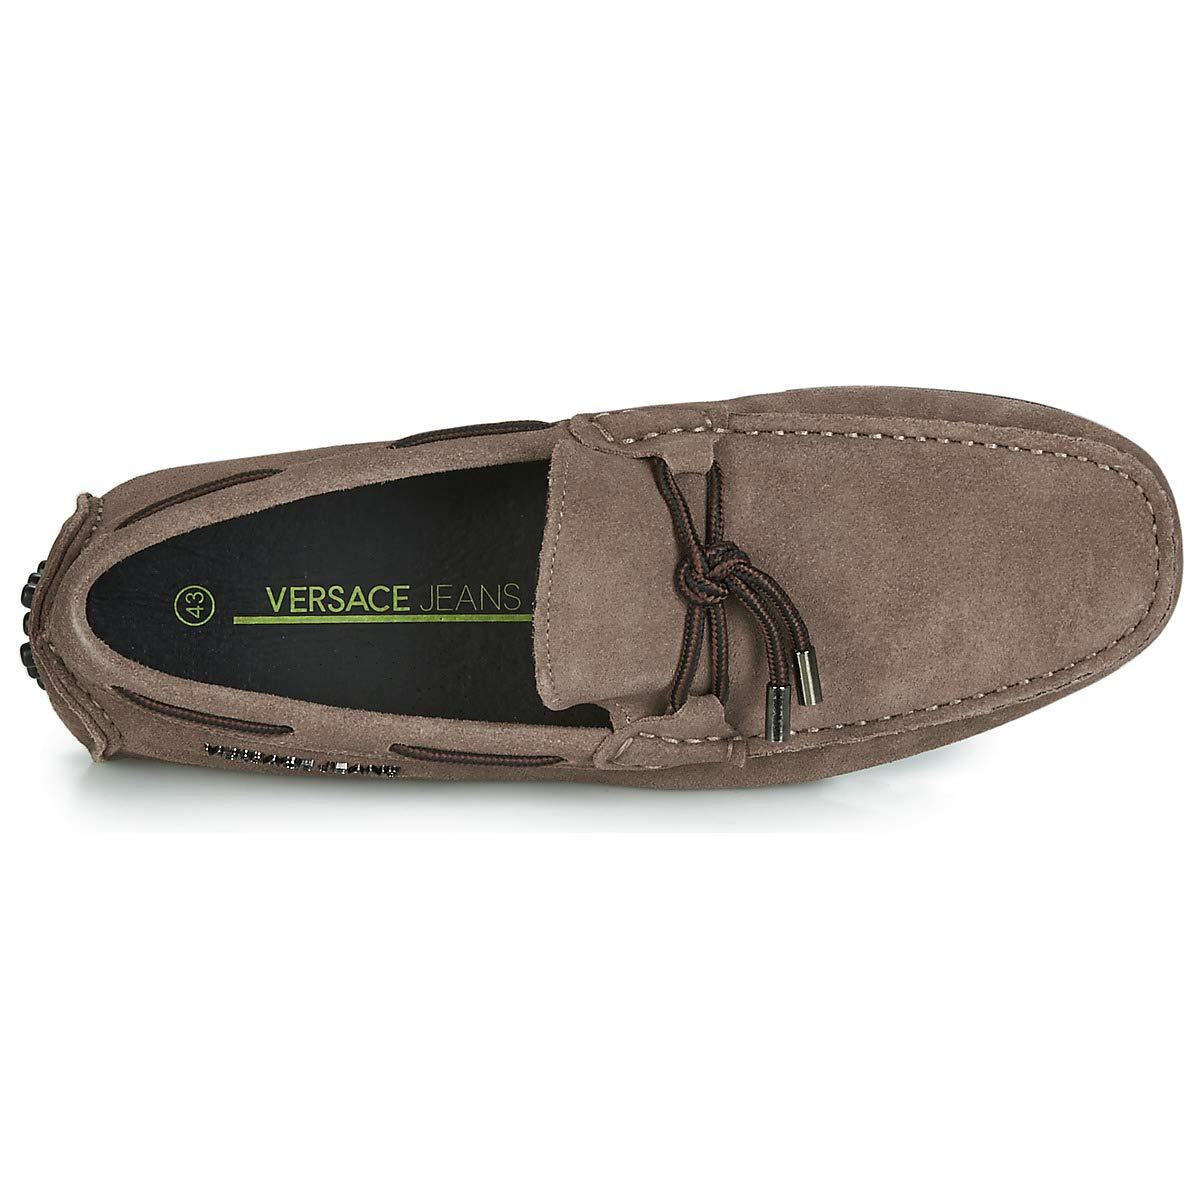 Versace Jeans Driver Mens Shoes Tan